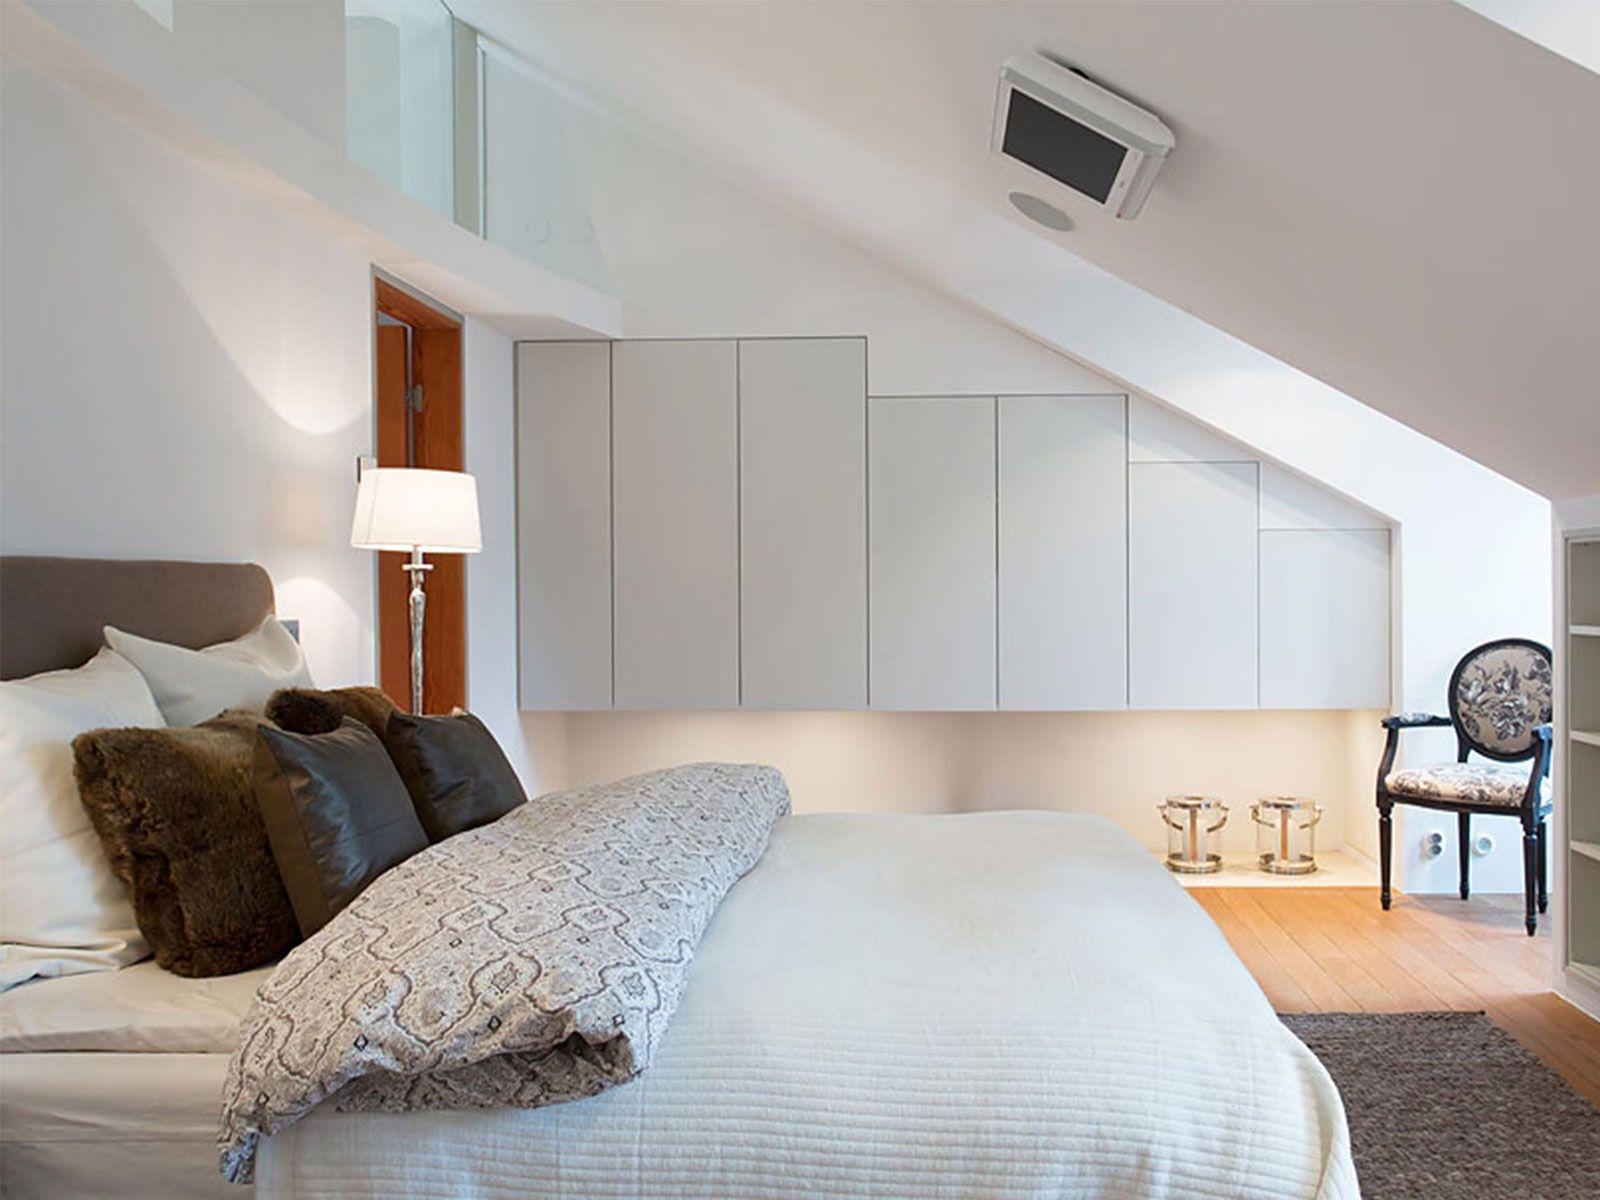 Dachgeschoss Schlafzimmer Farbe Ideen Schlafzimmer Ideen